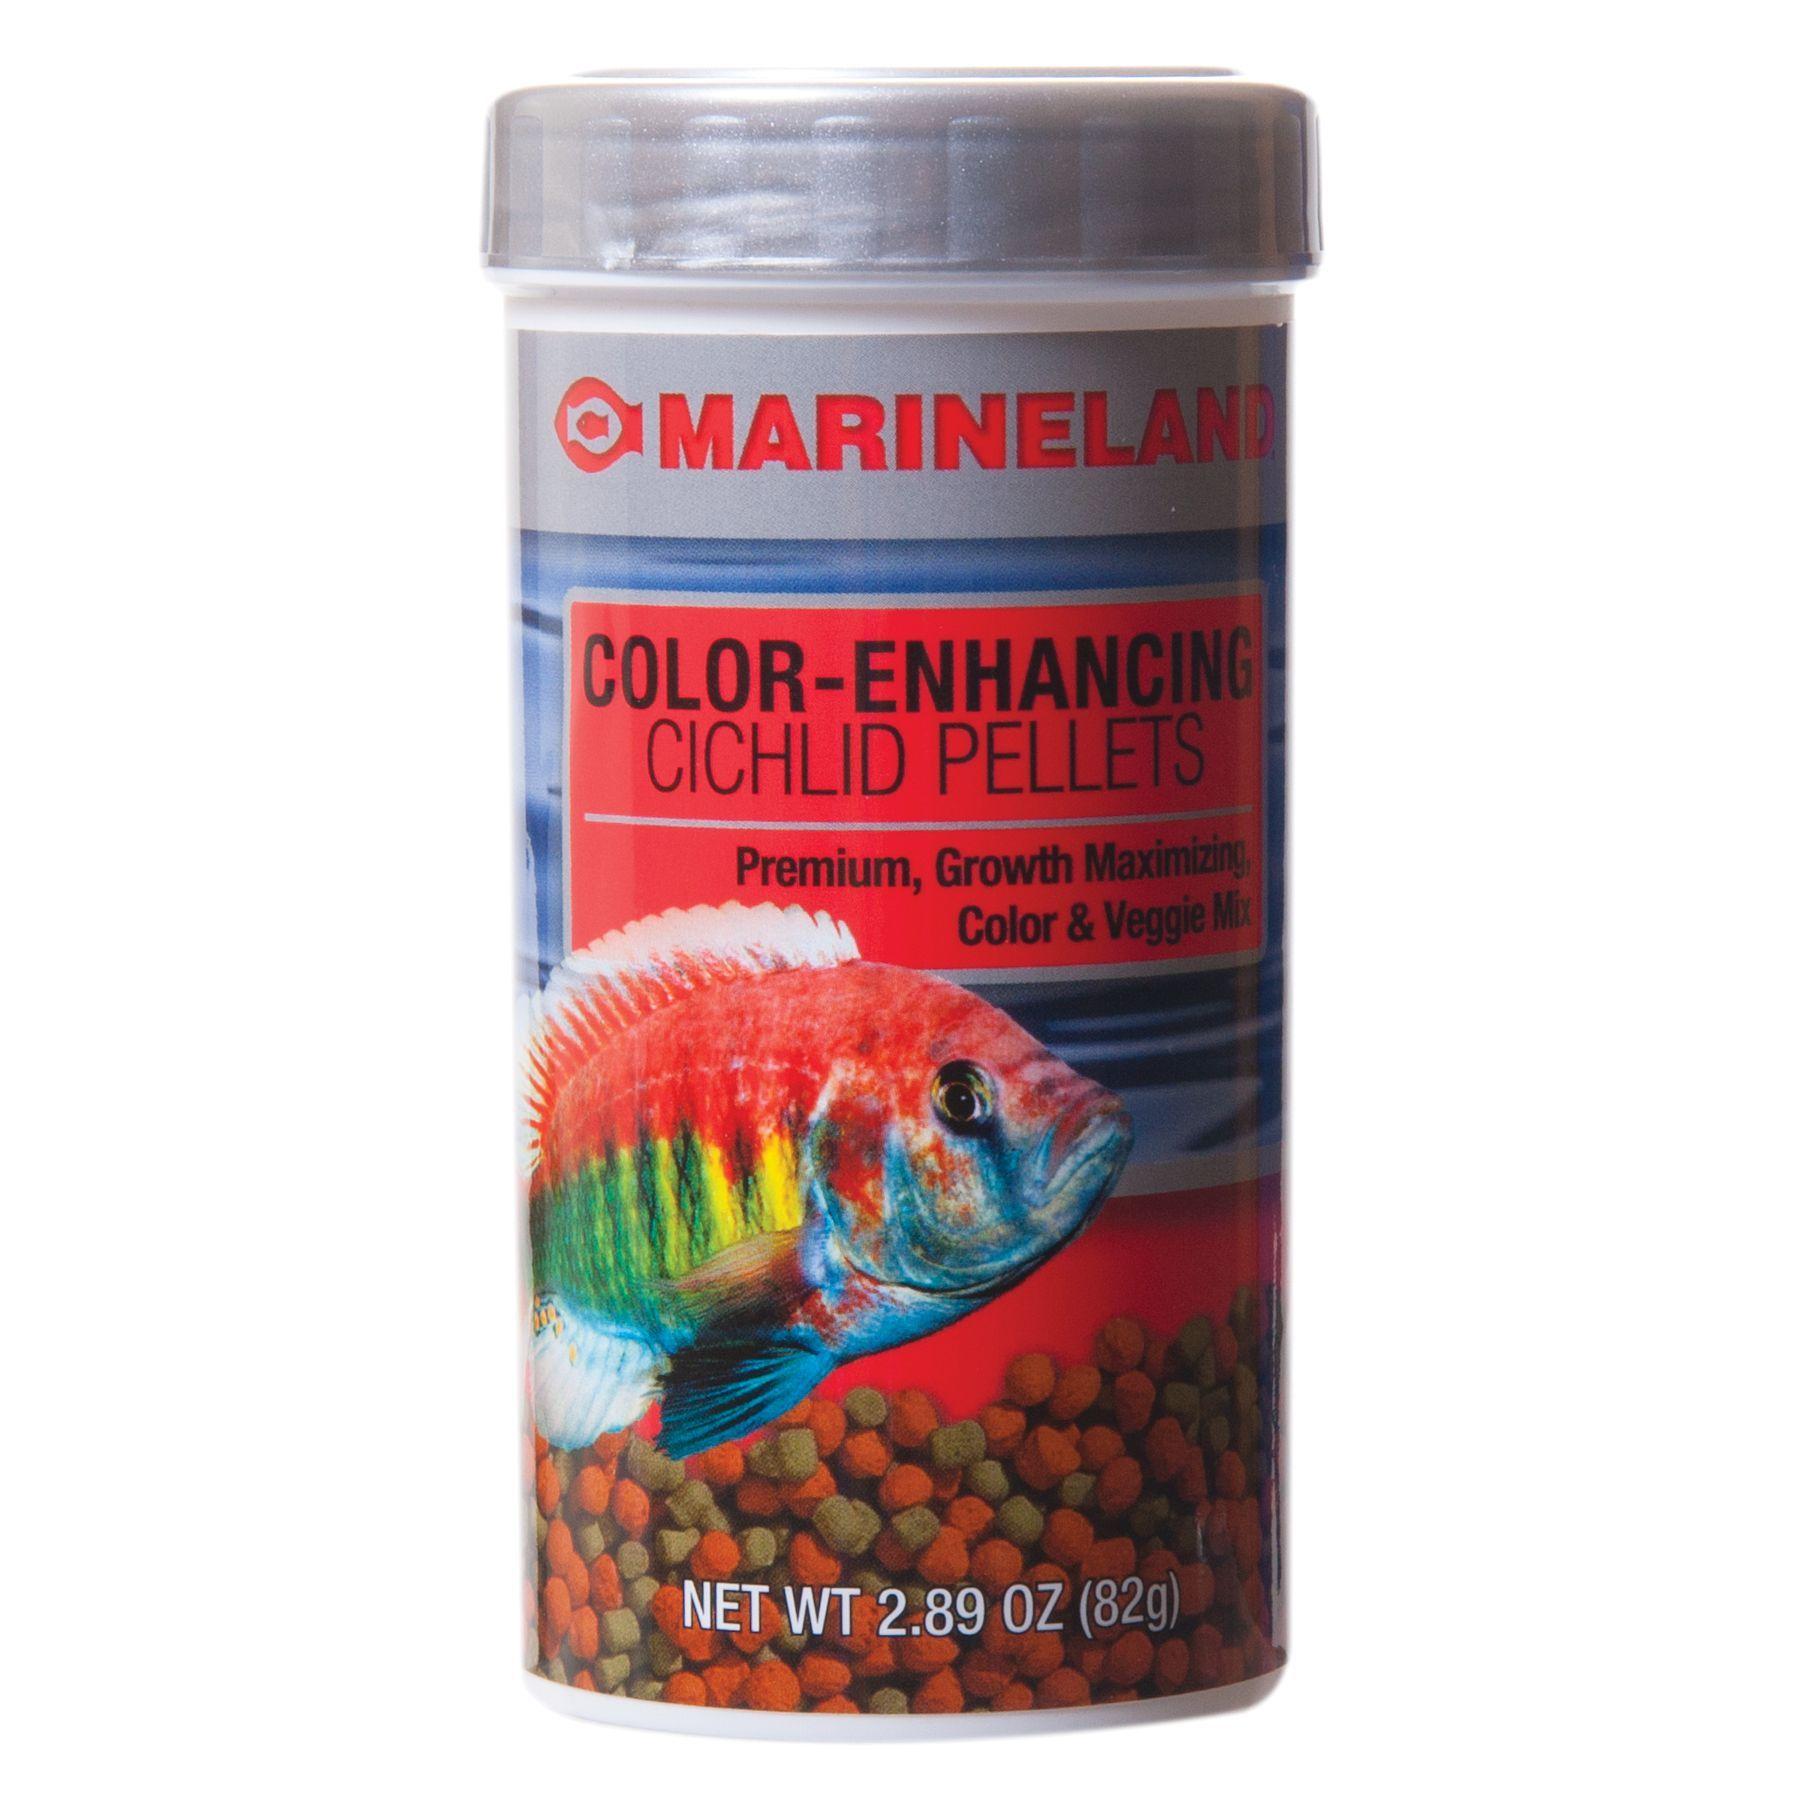 marineland cichlid color enhancing pellets fish food size 2 89 oz